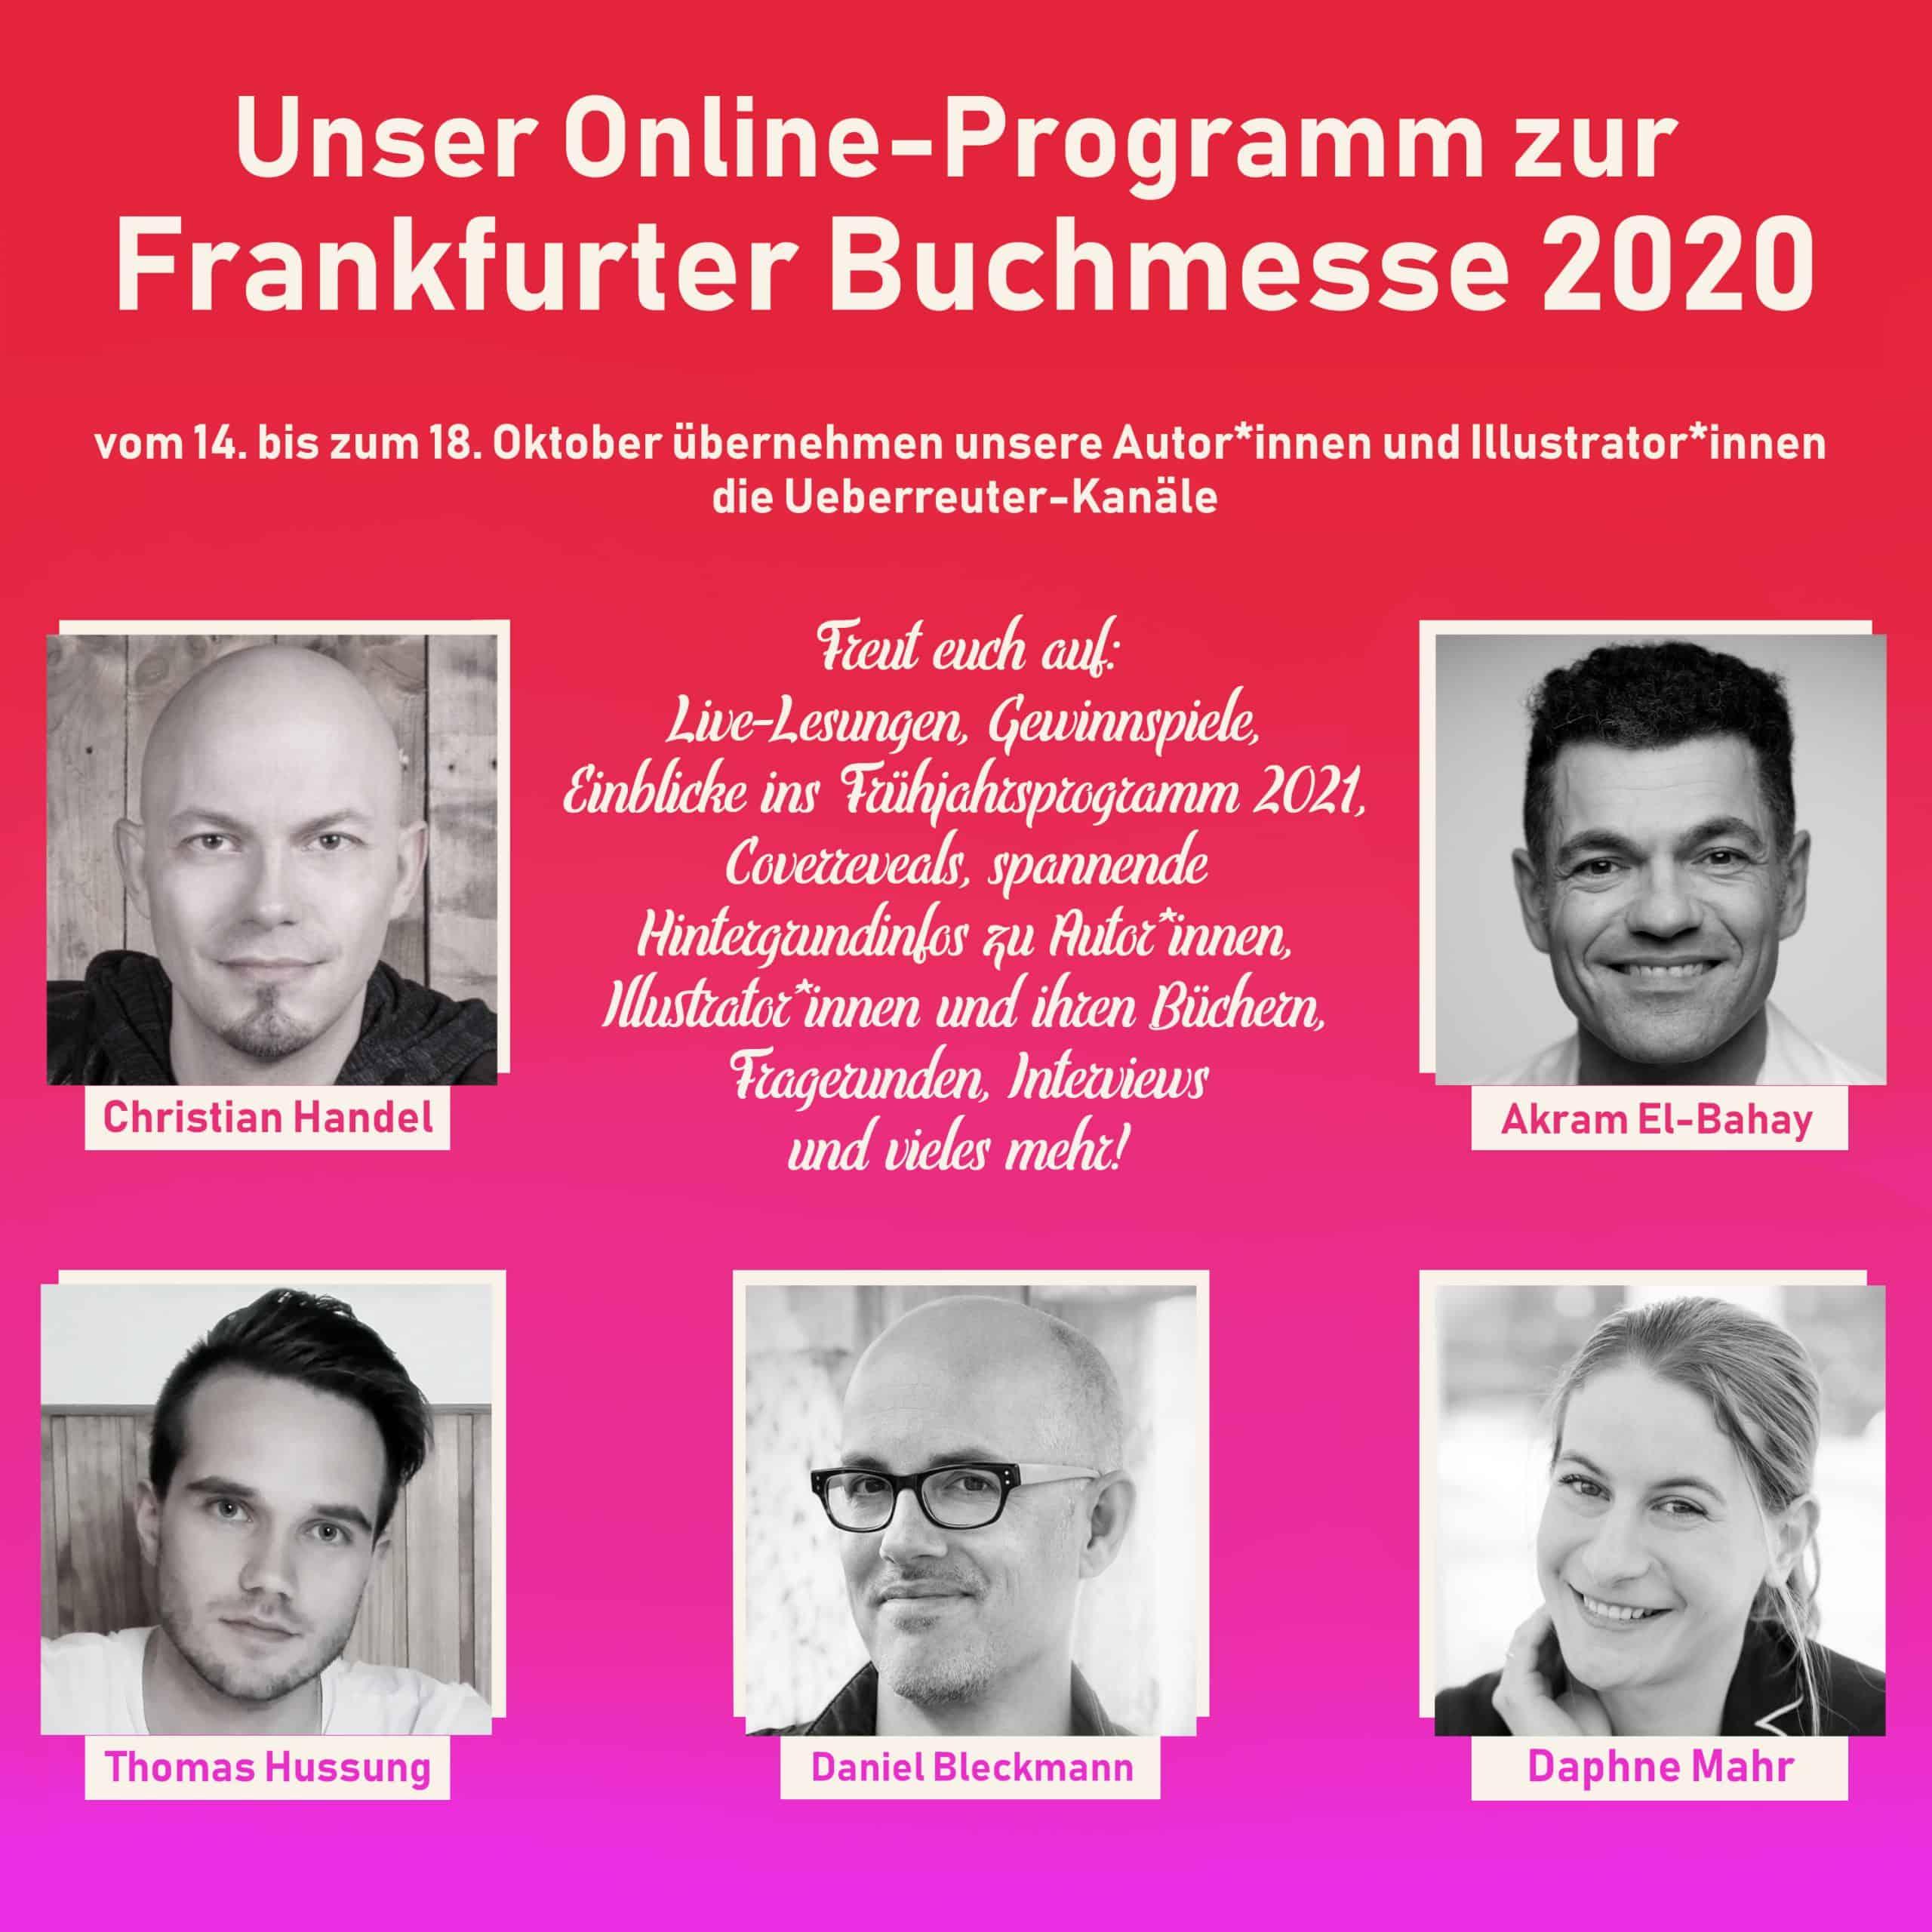 Unser Online-Programm zur Frankfurter Buchmesse 2020!